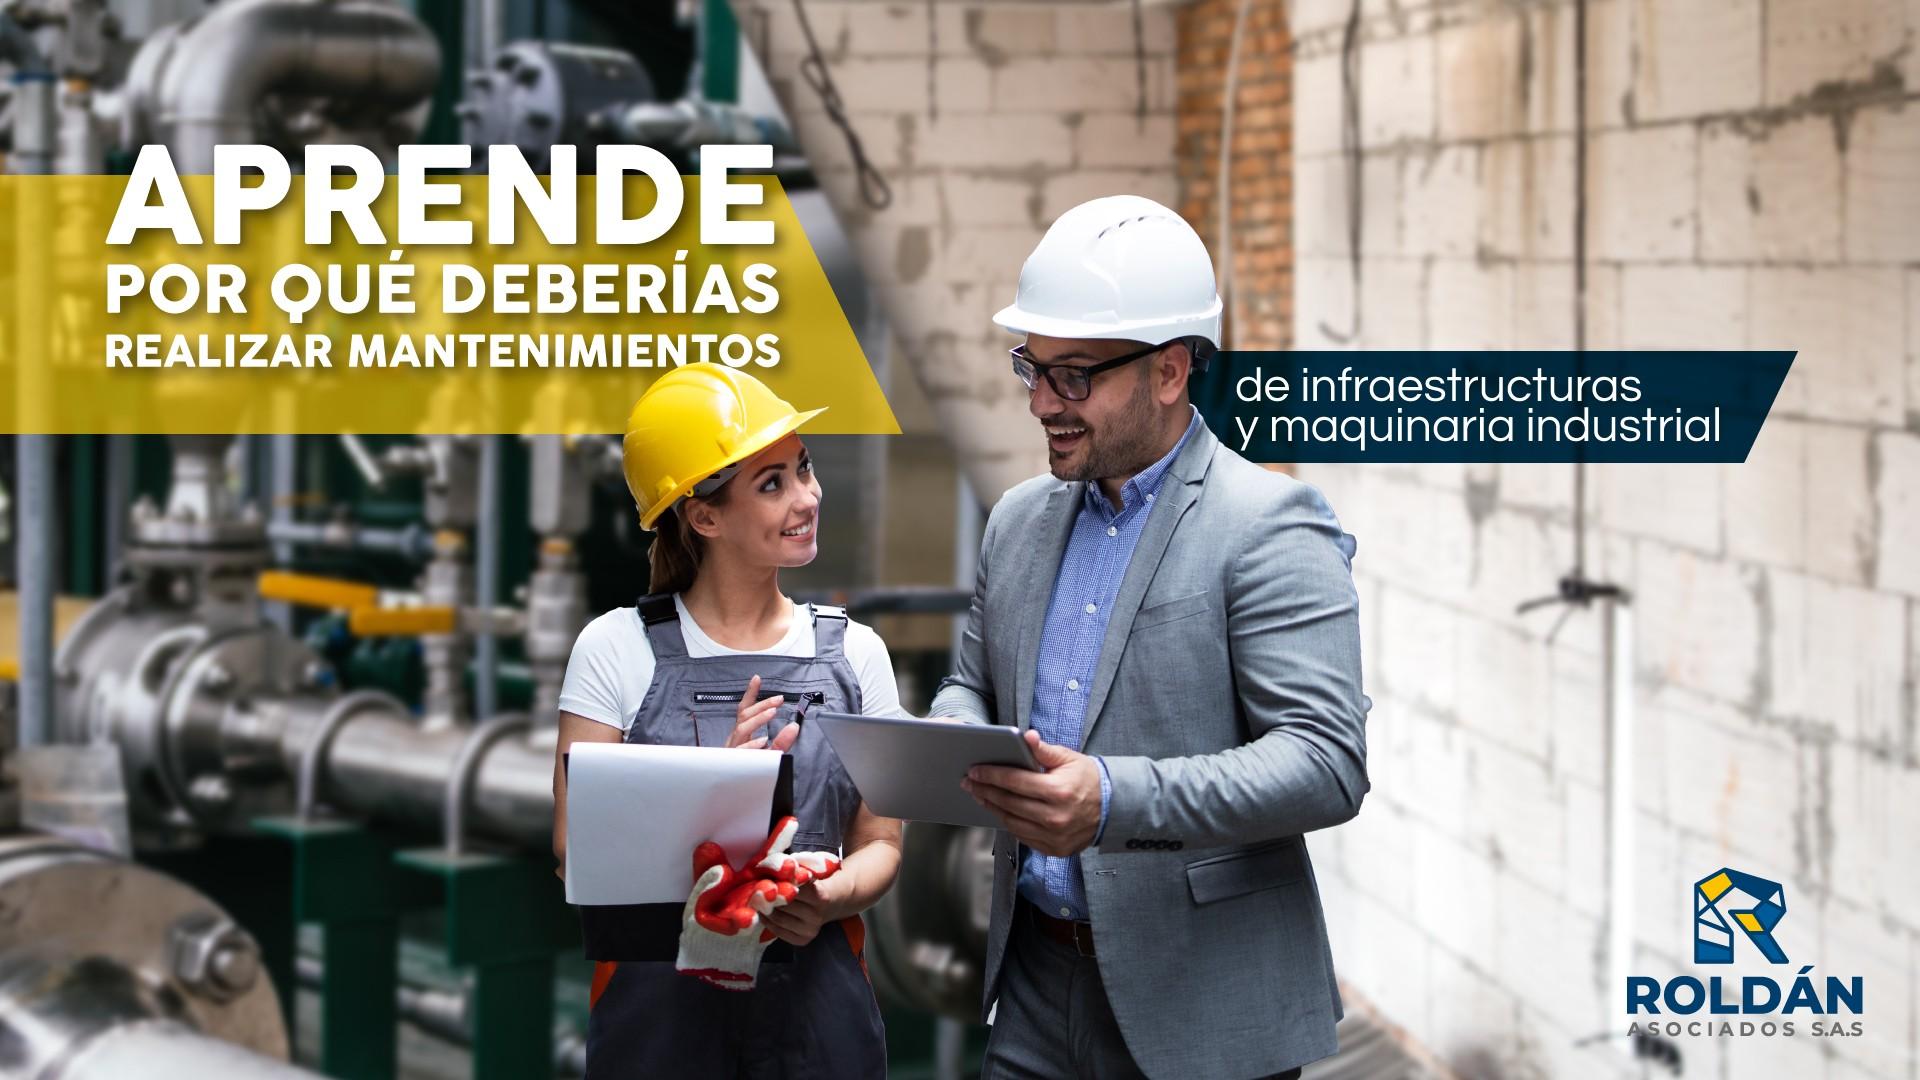 Aprende por qué deberías realizar mantenimientos de infraestructuras y maquinaria industrial